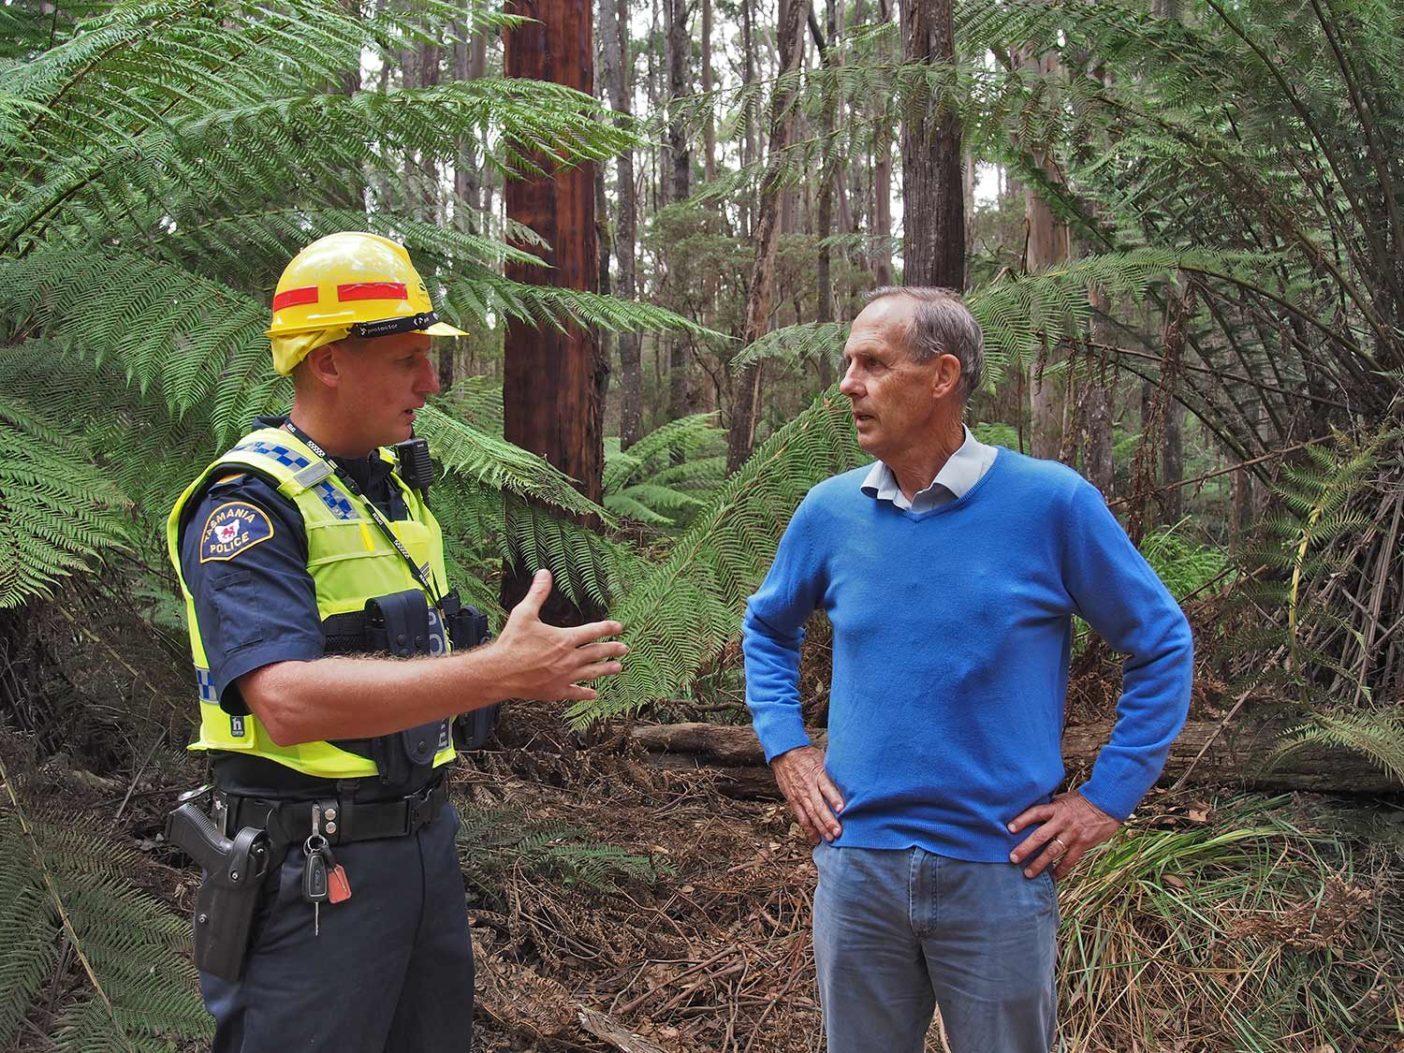 逮捕される可能性を伝えられたボブ・ブラウン博士は、「私は森のためにここにいるのですが、彼らは森を破壊するためにここにいます。つまりにっちもさっちも行かない状況なのです」と語った。逮捕を告げられると、彼は「仕方ないですね」とだけ言った。写真:Bob Brown Foundation